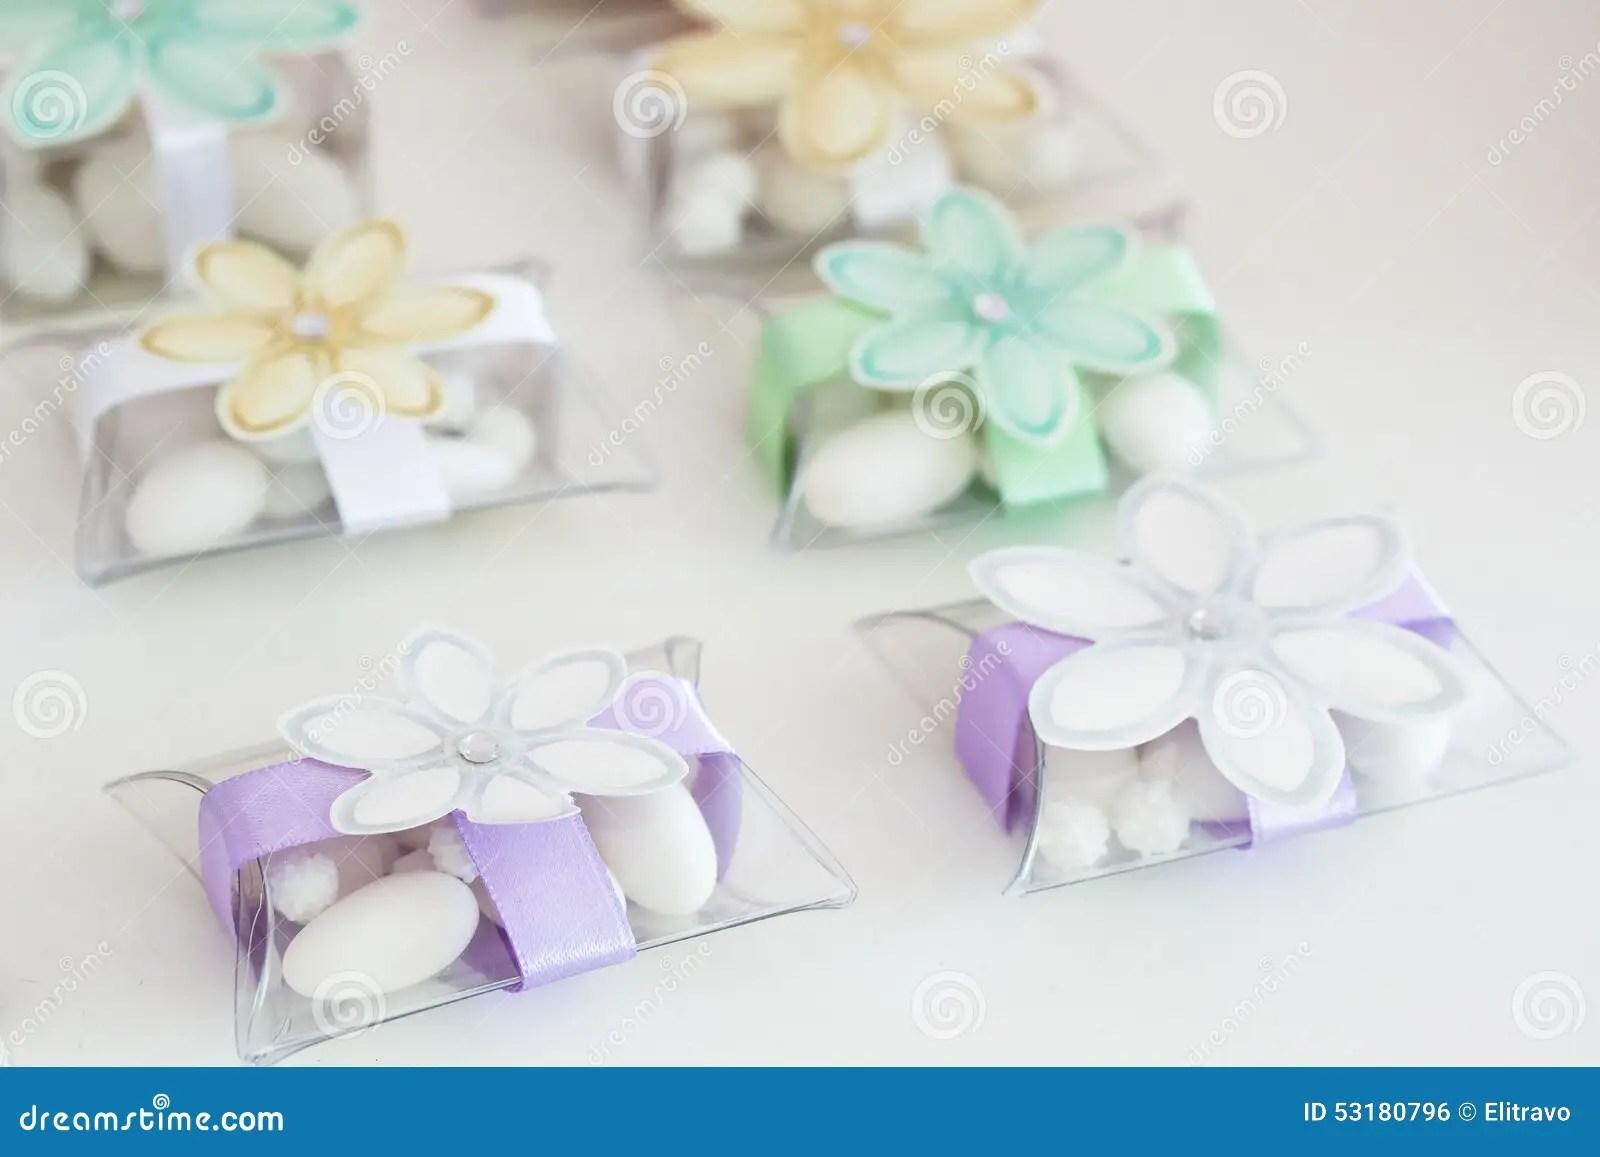 Hochzeitsgeschenke Gaste Tolle Goldene Hochzeit Gastgeschenke